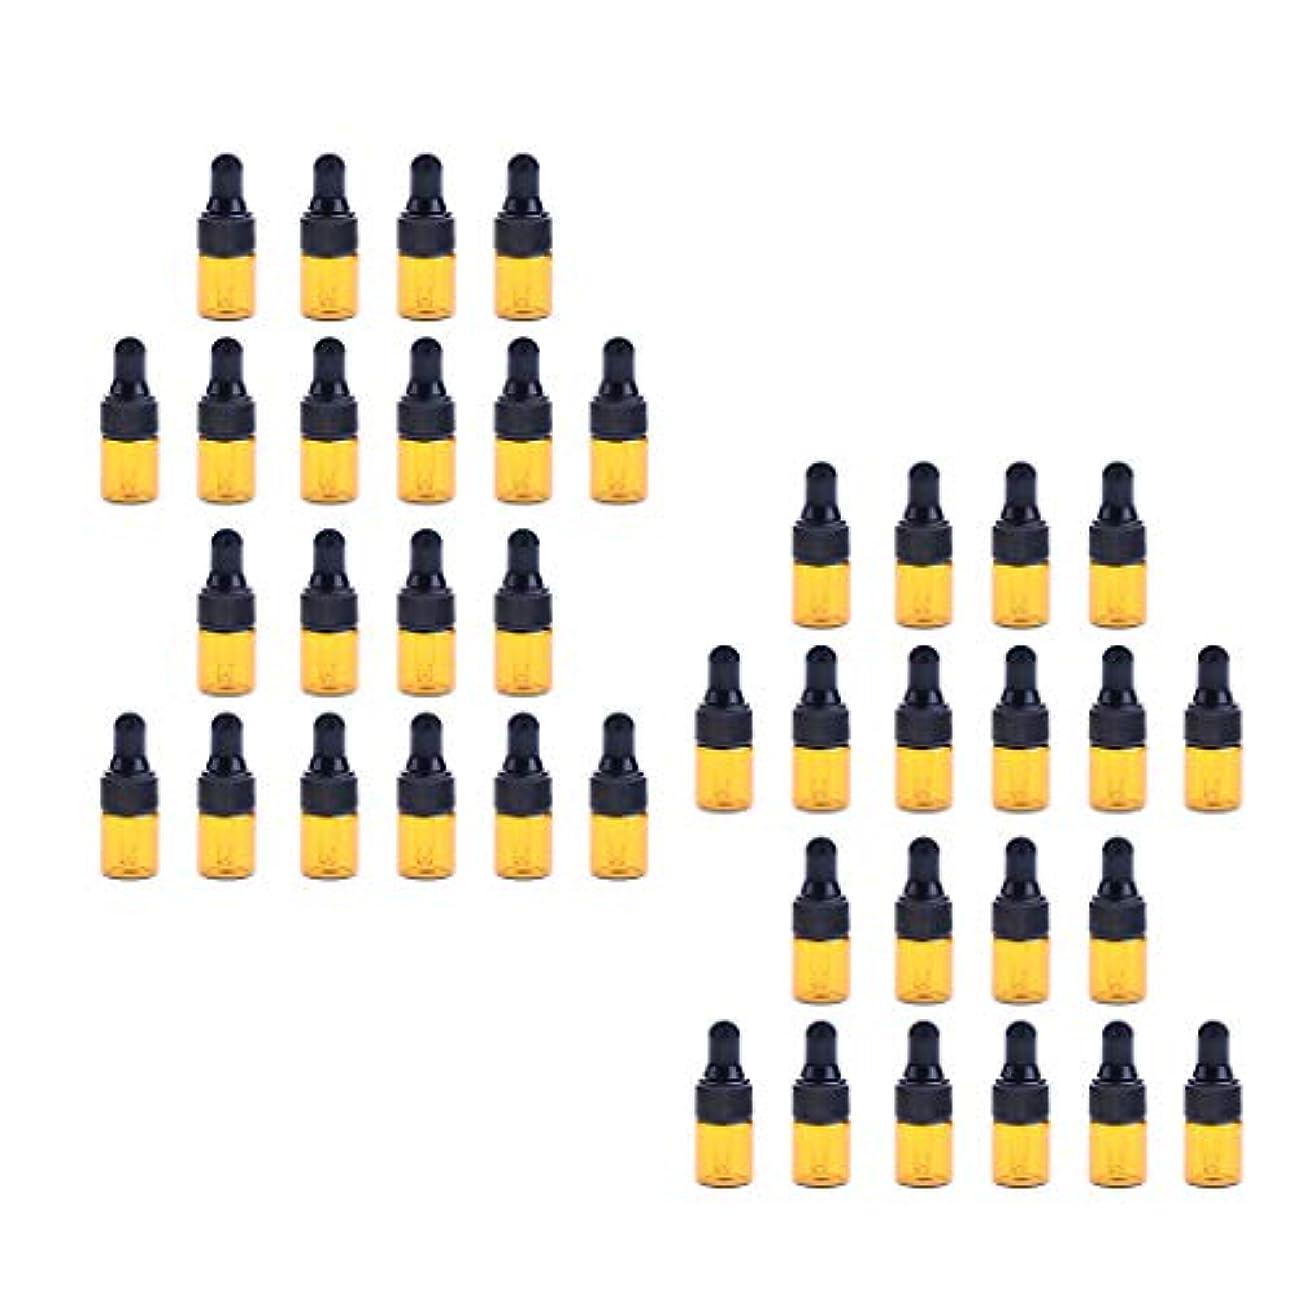 関係いつでもエンターテインメント40個入 ドロッパーボトル ガラス瓶 エッセンシャルオイル 精油 保存容器 詰め替え 小型 1ml /2ml